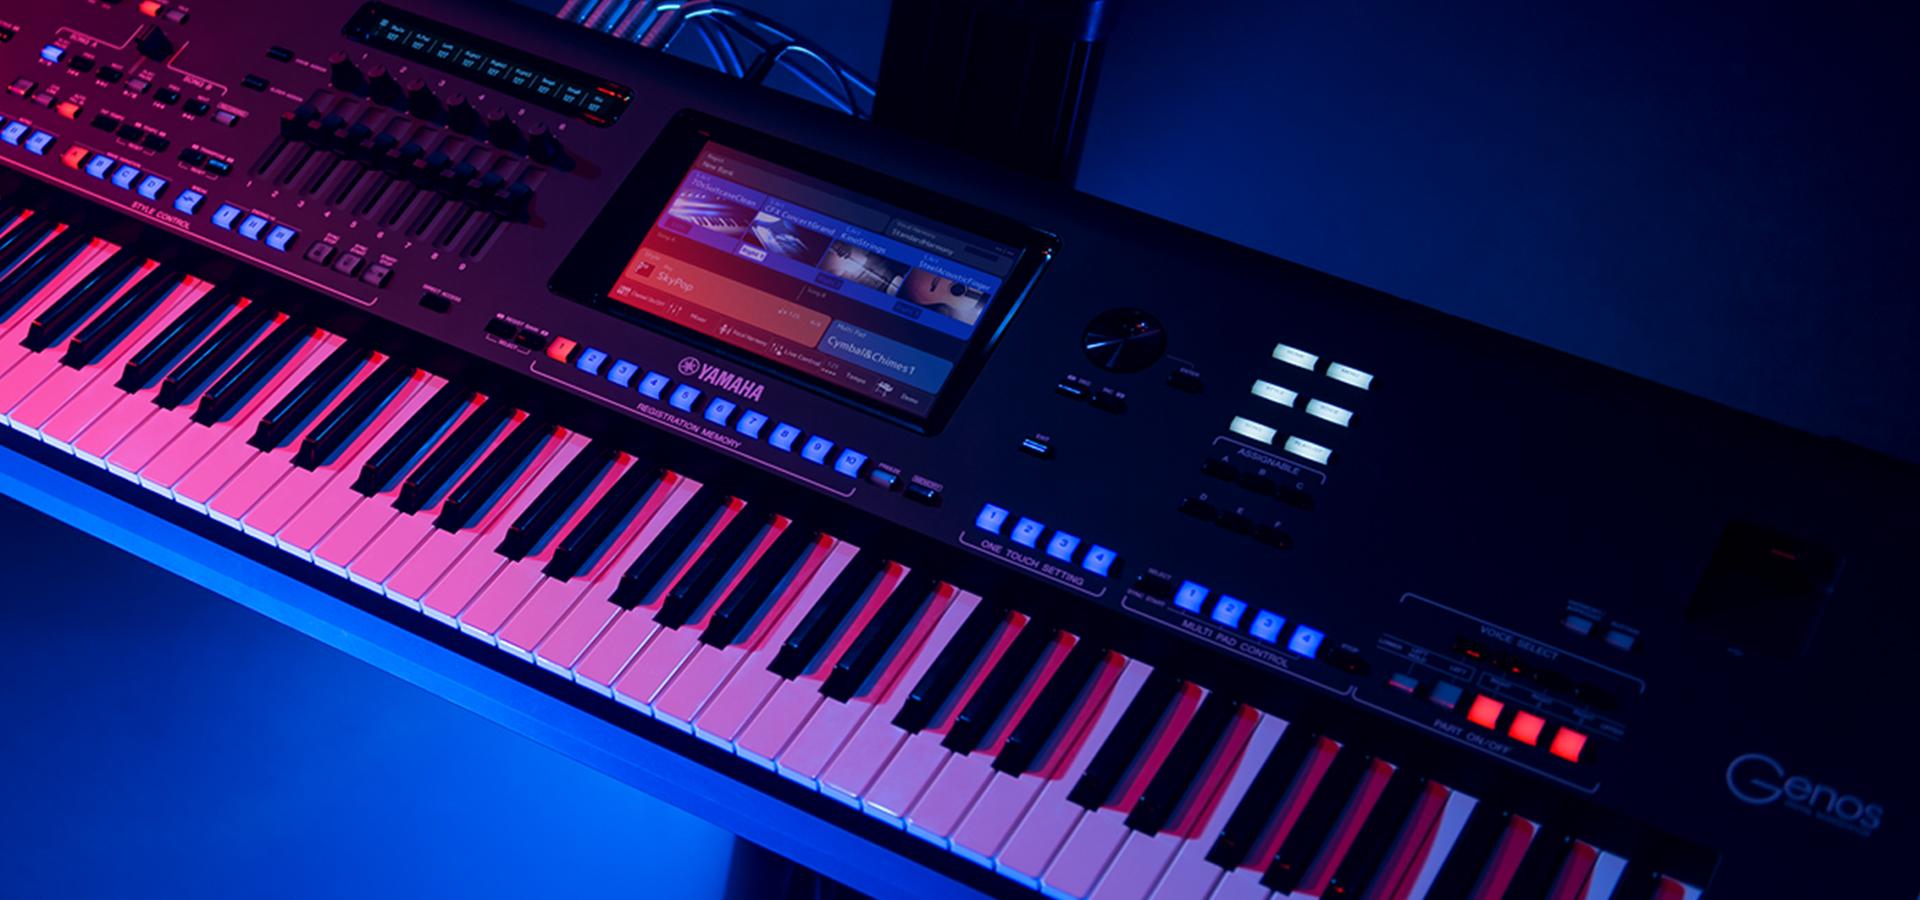 חכמה, חדשנית ומוזיקלית - ה-Genos מציגה מערכת הפקה והופעות שלמה מ-Yamaha